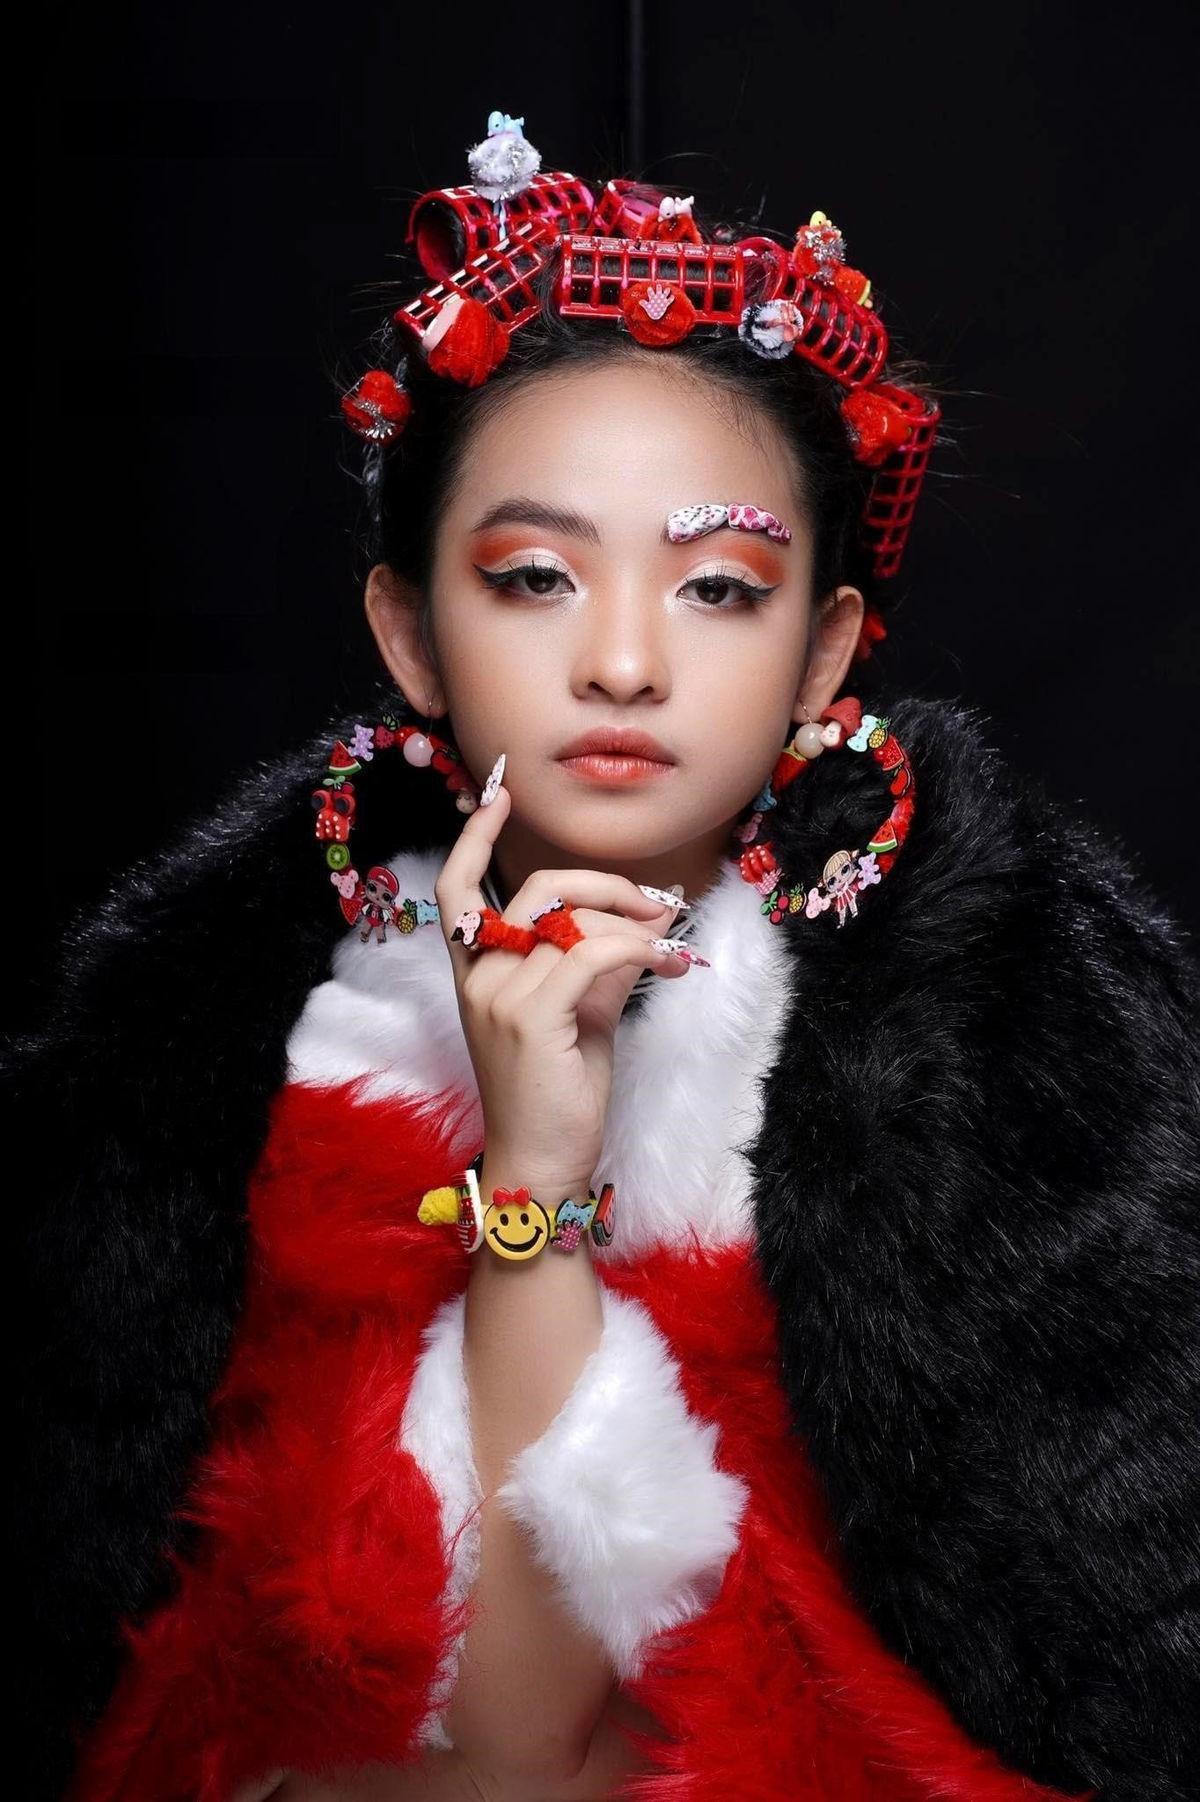 Mẫu nhí Nguyễn Ngọc Khánh Phương khoe thần thái 'đỉnh cao' trong bộ ảnh mới Ảnh 8